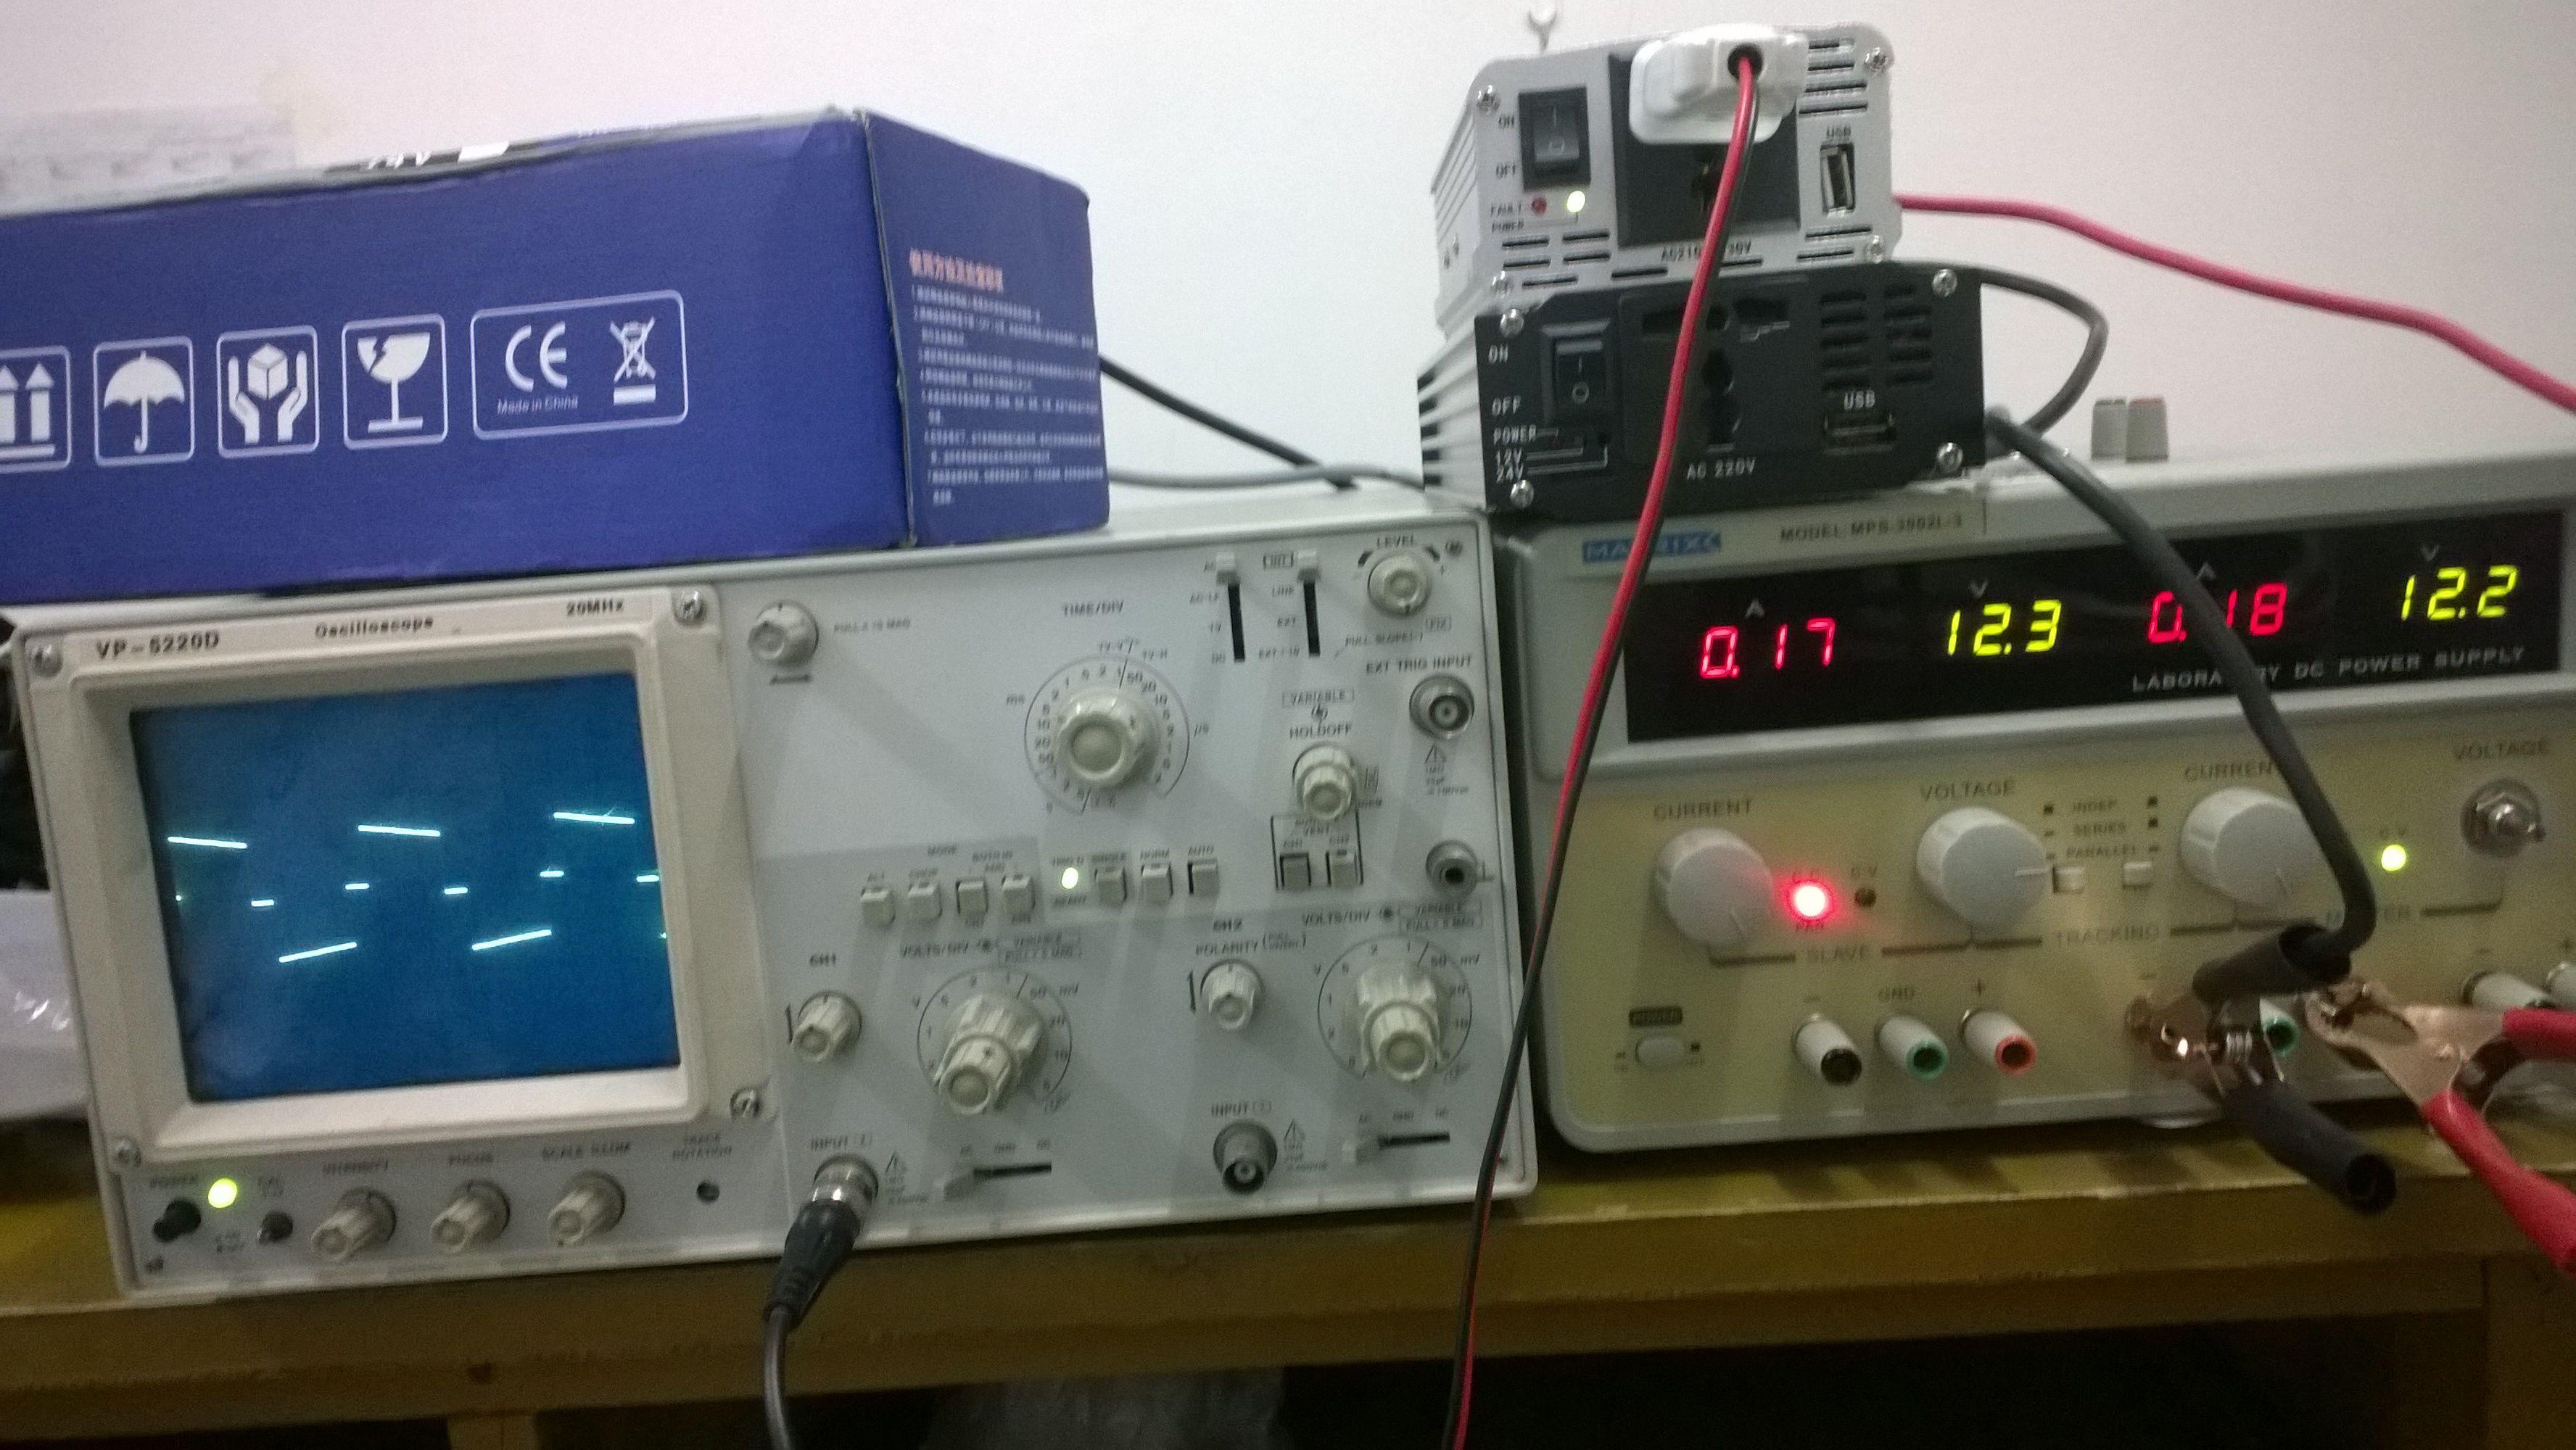 纯正弦波和修正弦波逆变器有什么区别